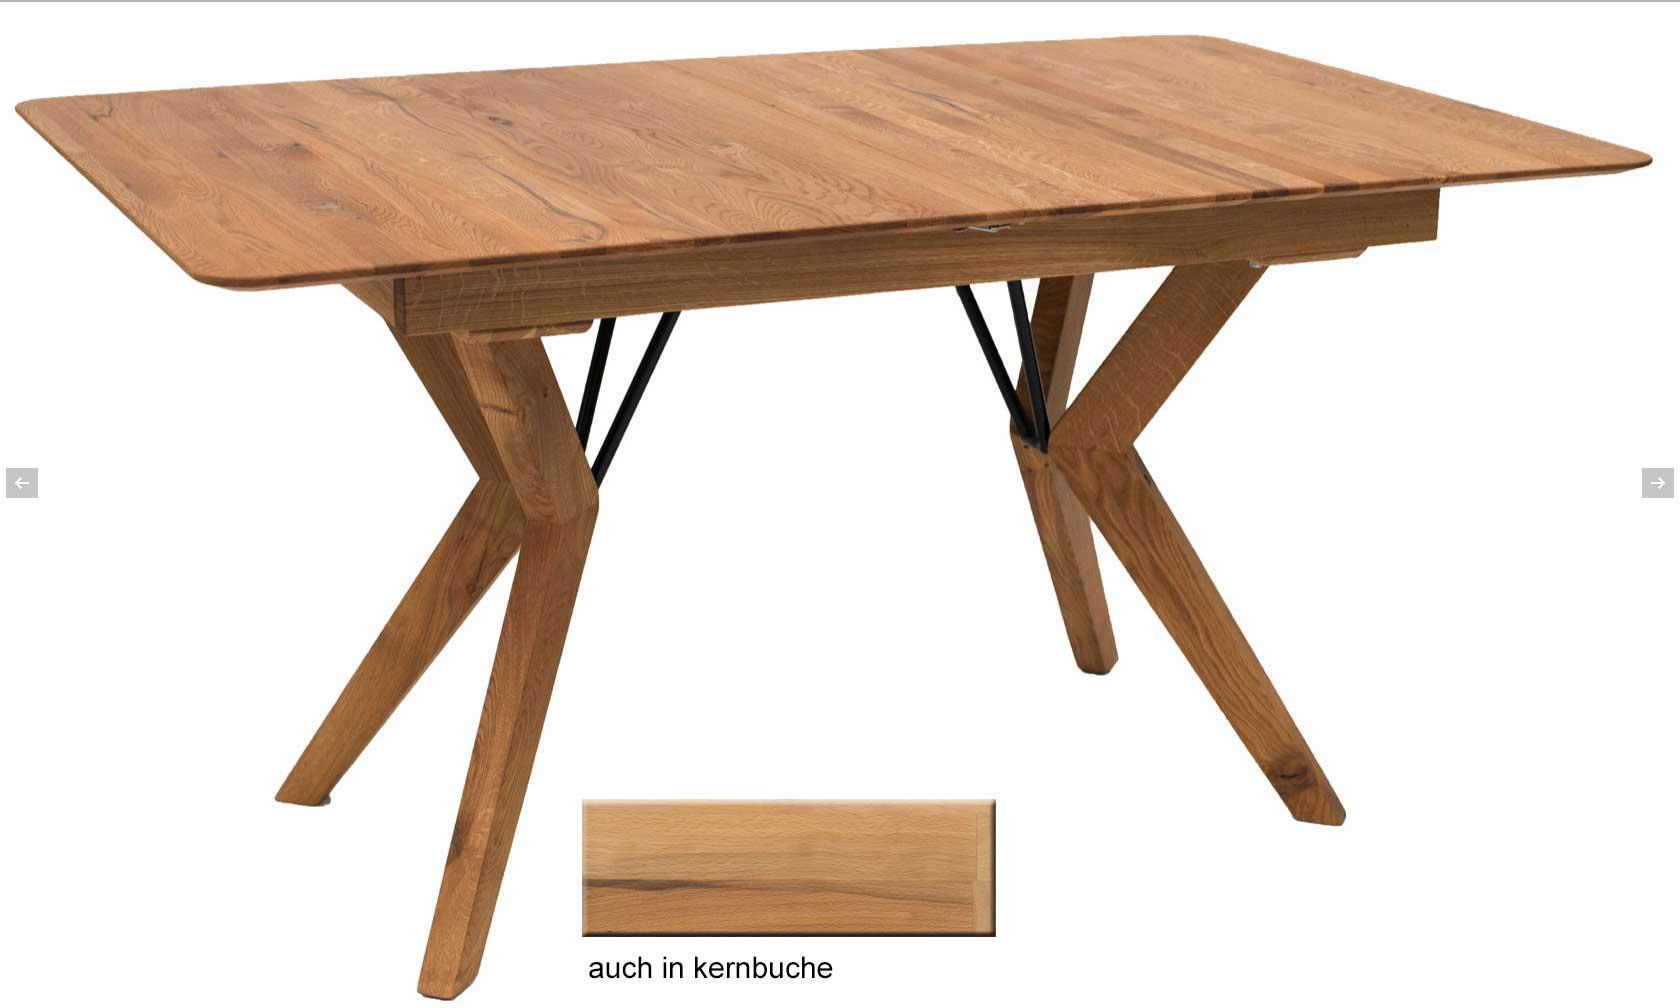 Standard Furniture Grenoble Massivholztisch eiche rustikal ausziehbar